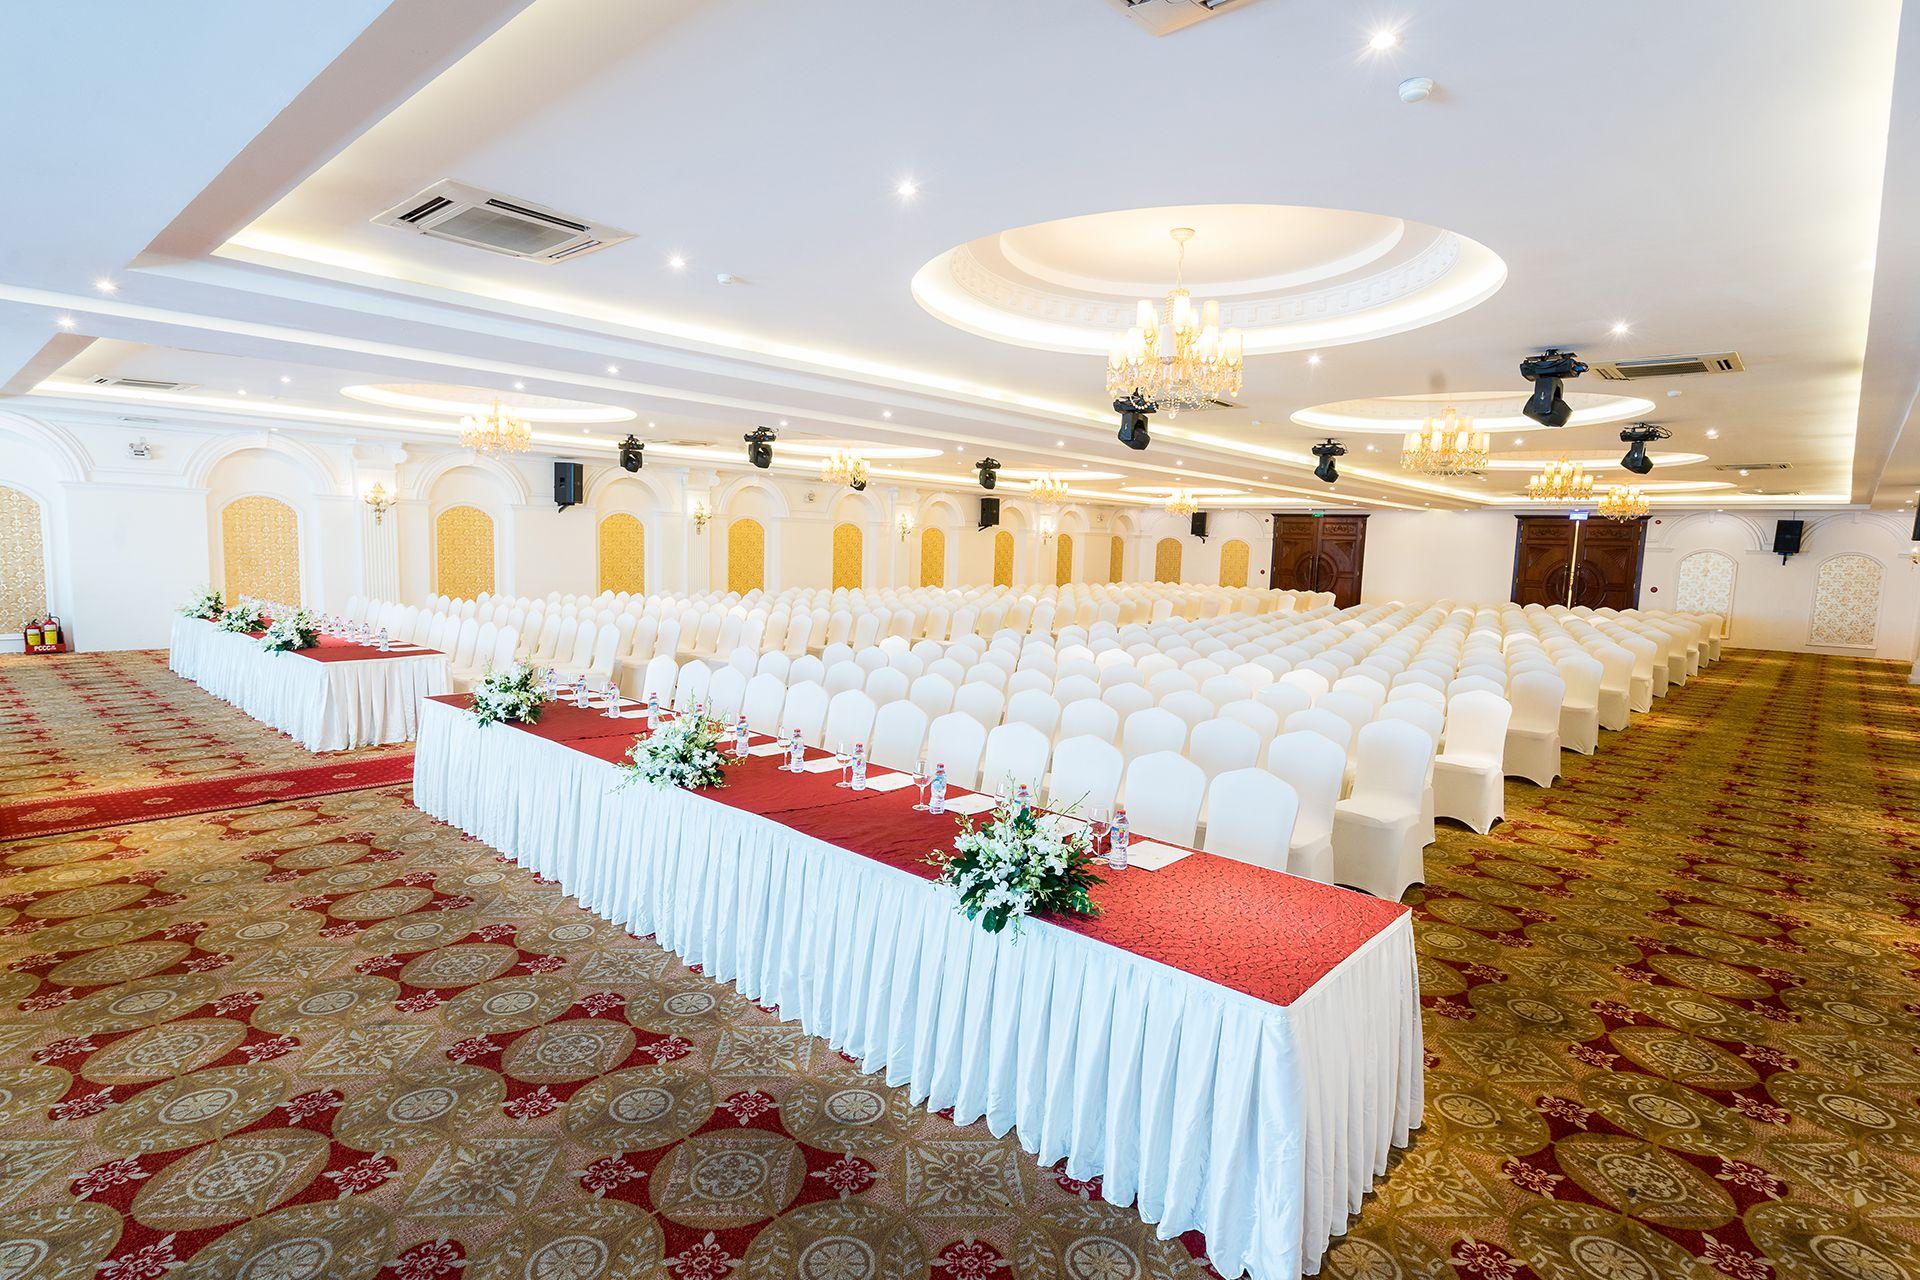 trung tâm hội nghị tiệc cưới 1